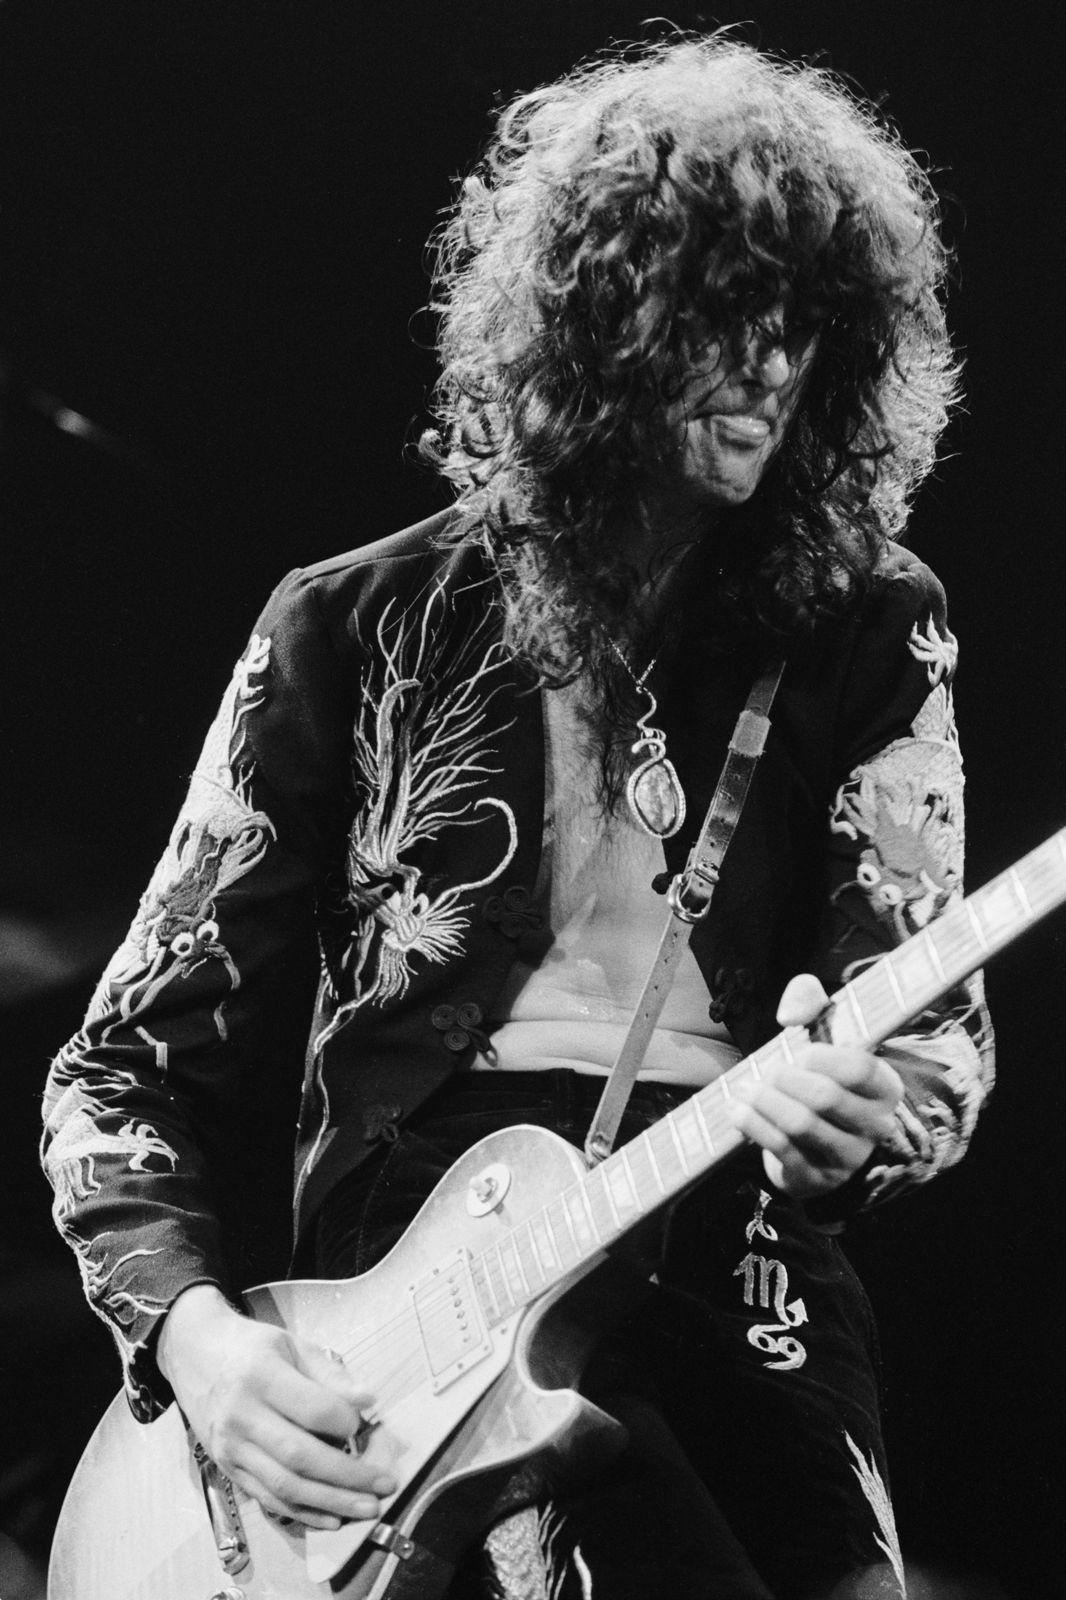 Led Zeppelin Wallpaper 1Jpg